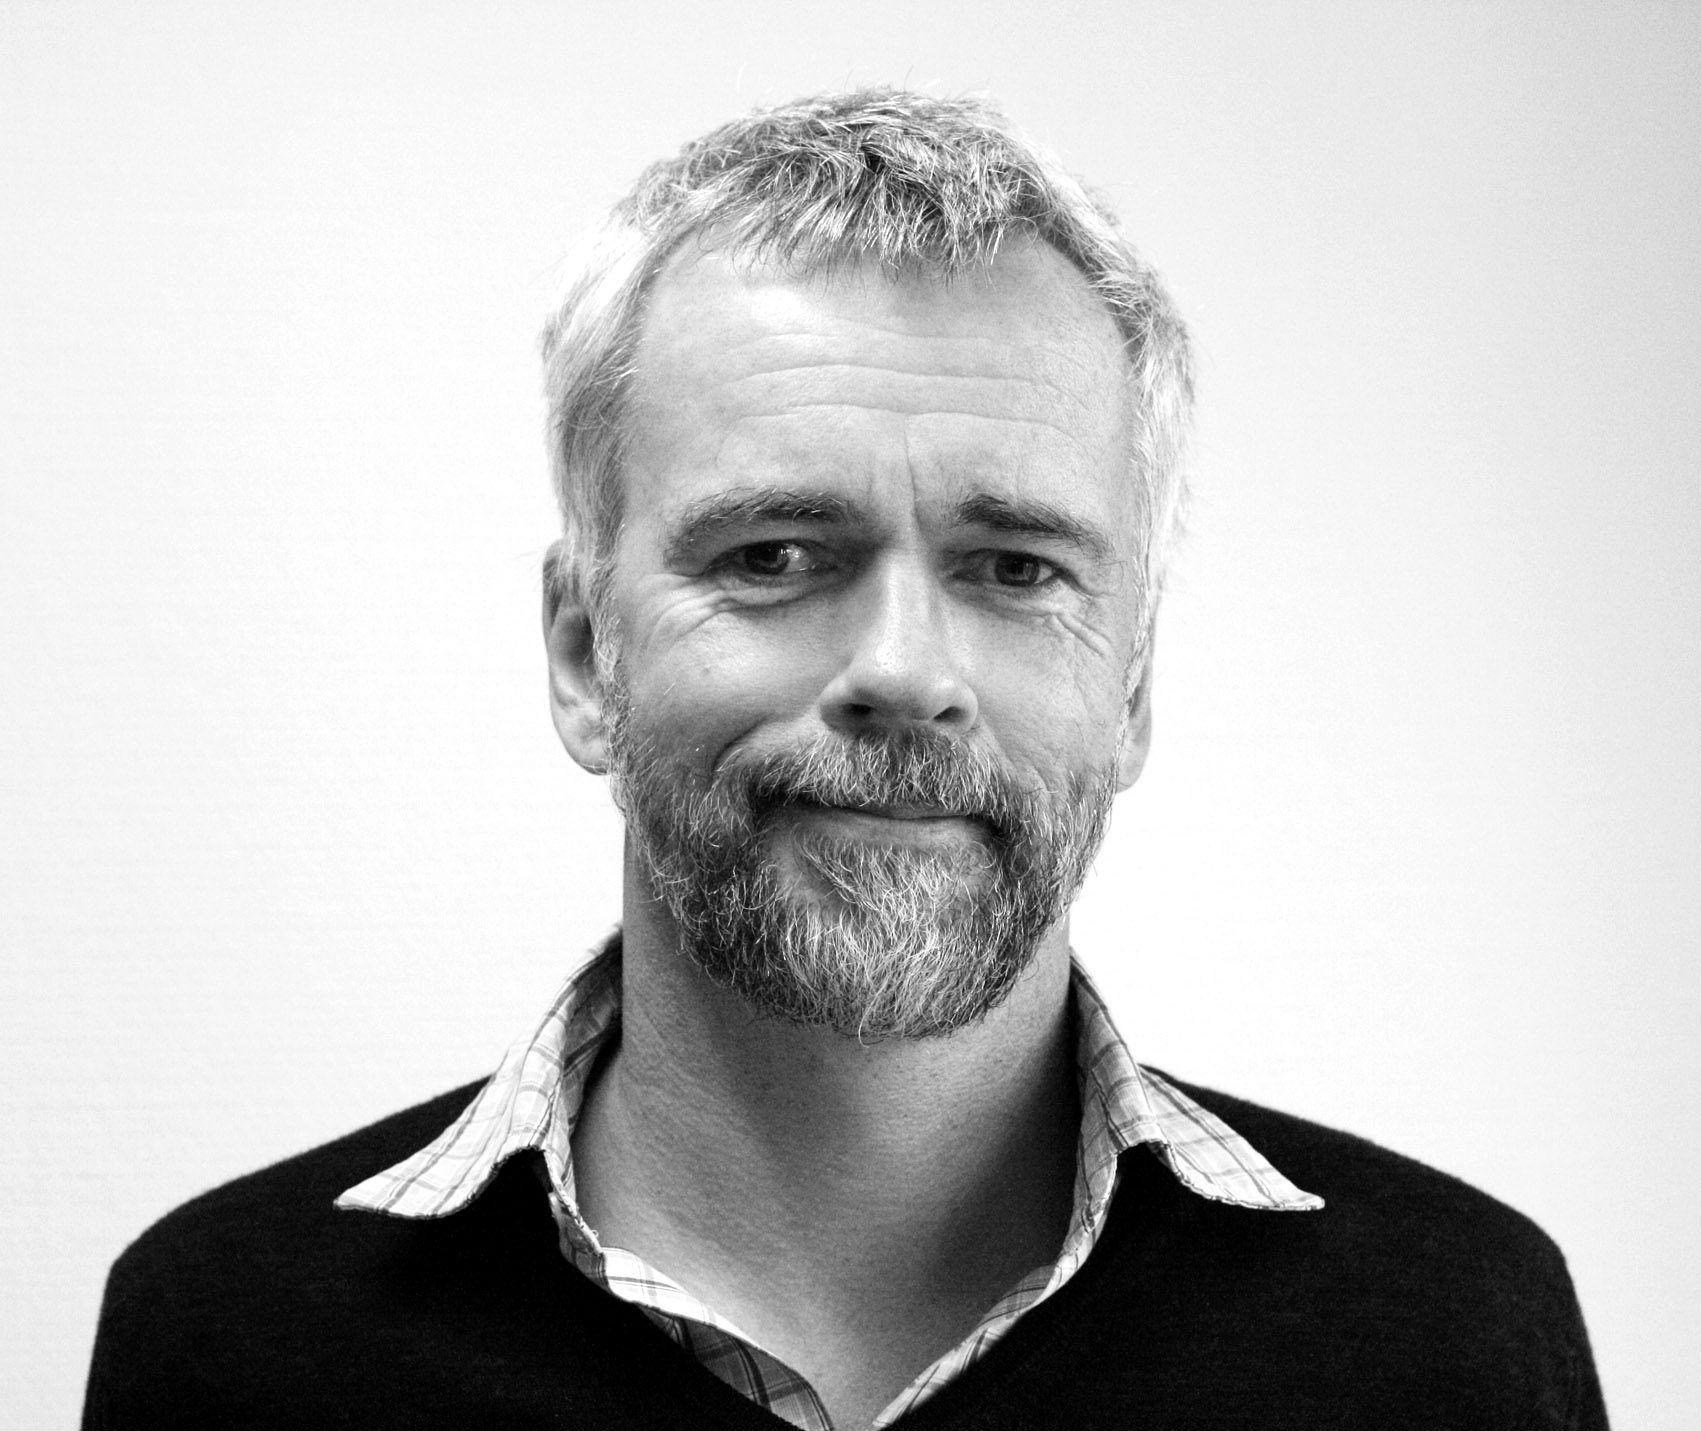 PARADOKS: – Statistikk viser at vi aldri har hatt det så bra. Men det er rart med det: Det koker av misnøye og kulturell tofrontskrig, skriver Bård Larsen.